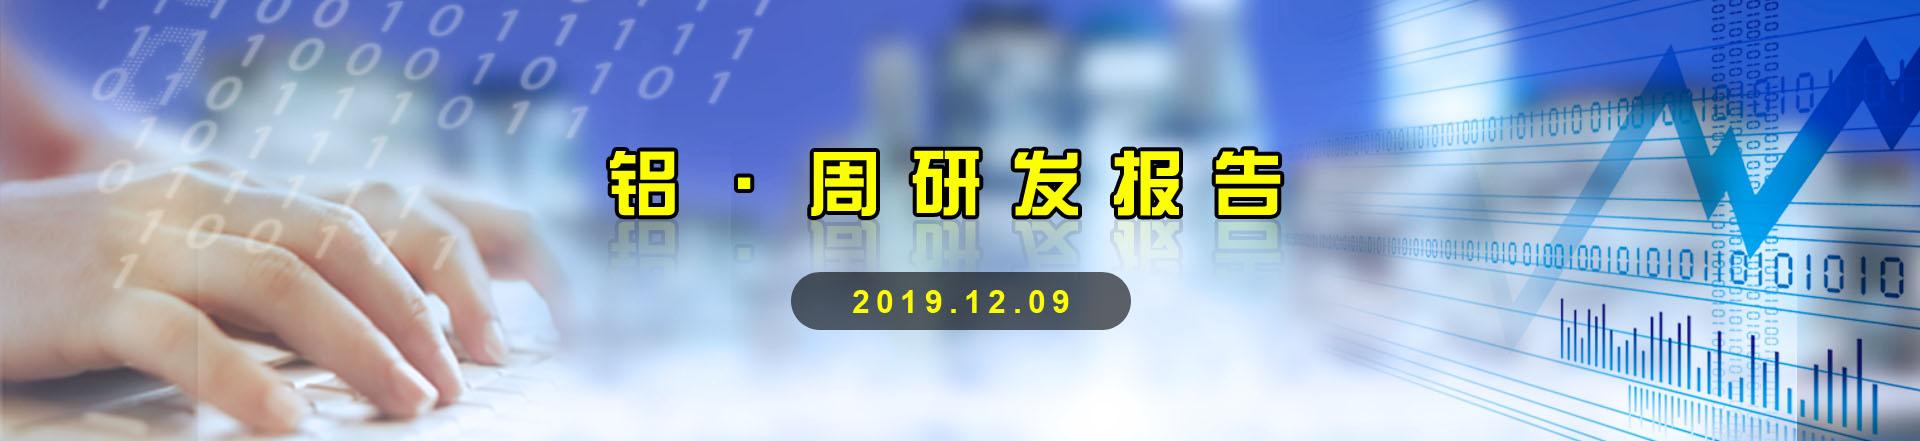 【铝】铝·周研发报告集锦 20191209